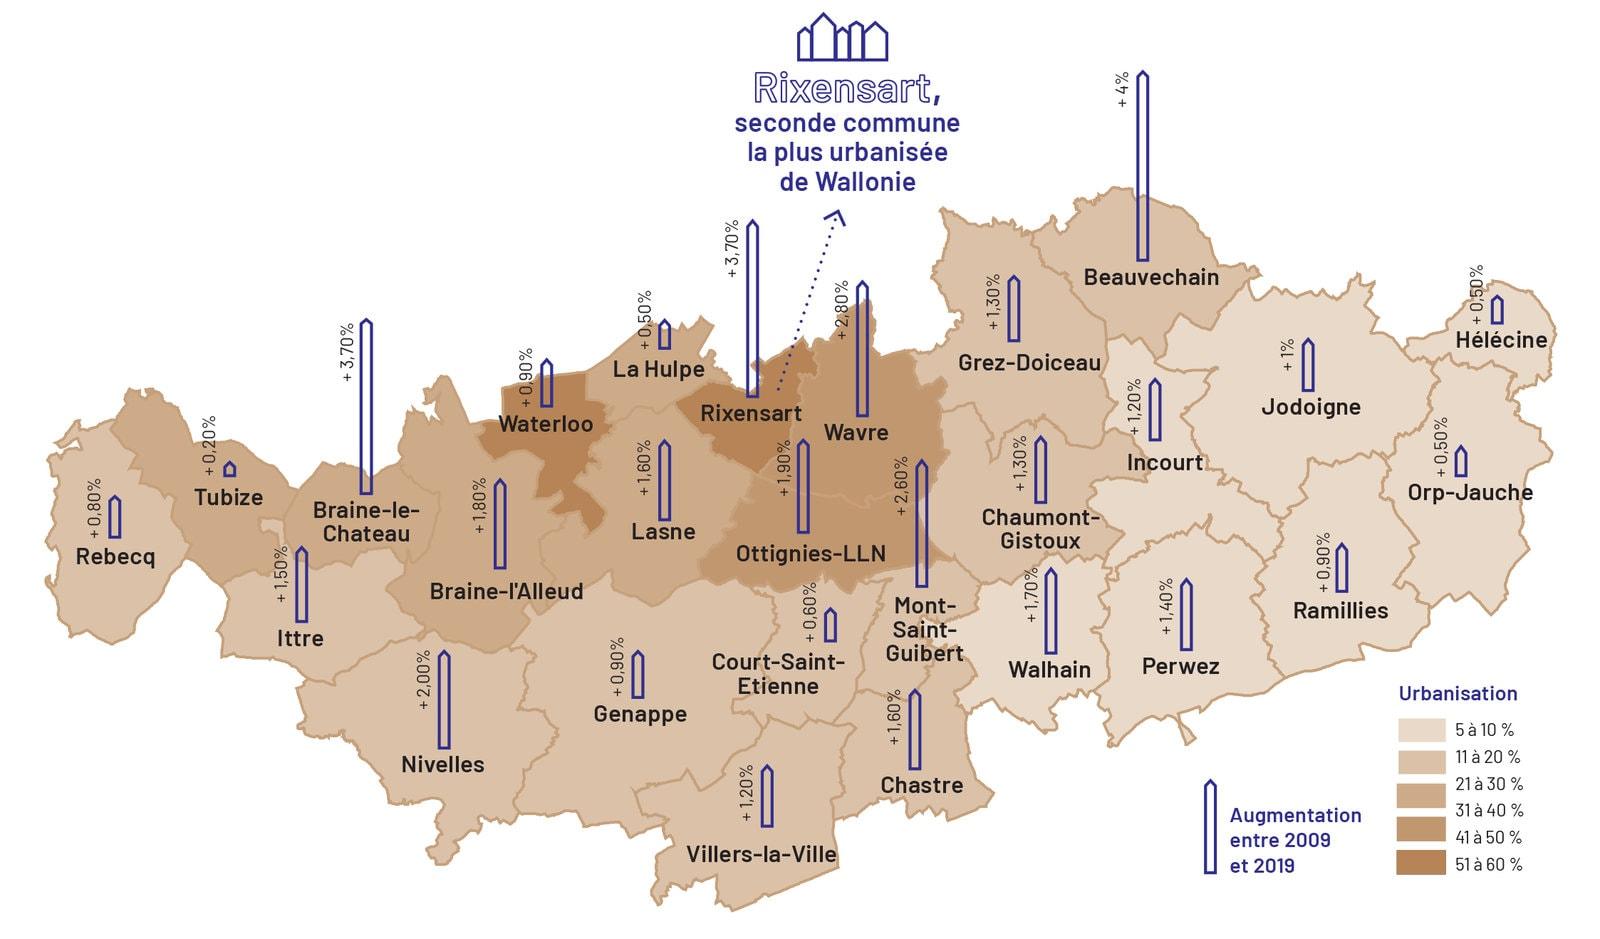 Les derniers chiffres de l'étalement urbain